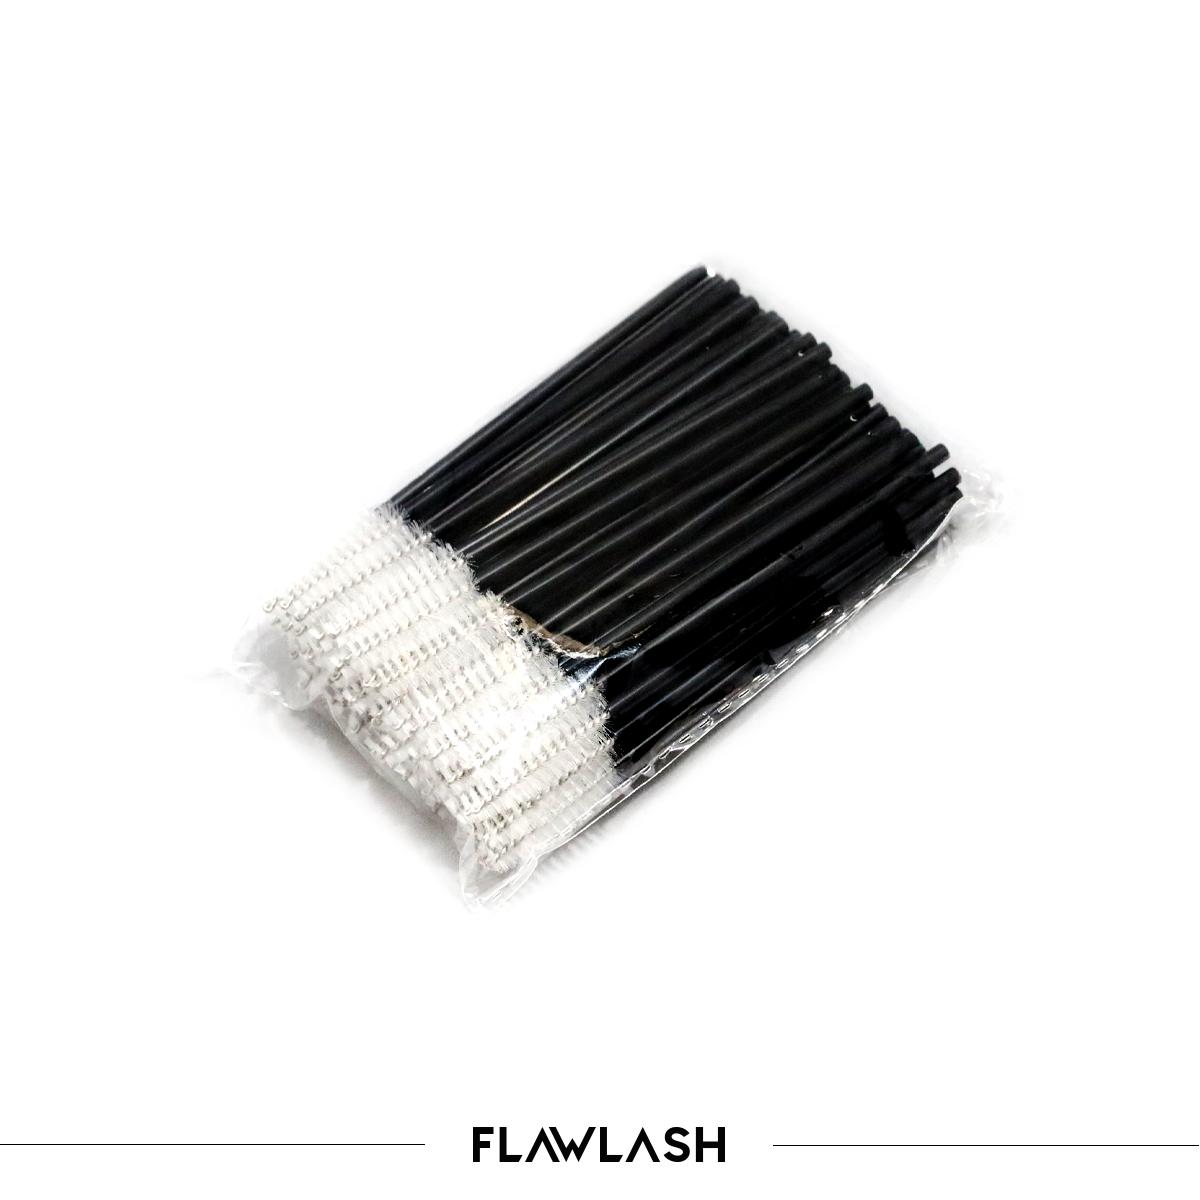 Mascara brushes | 20 pack